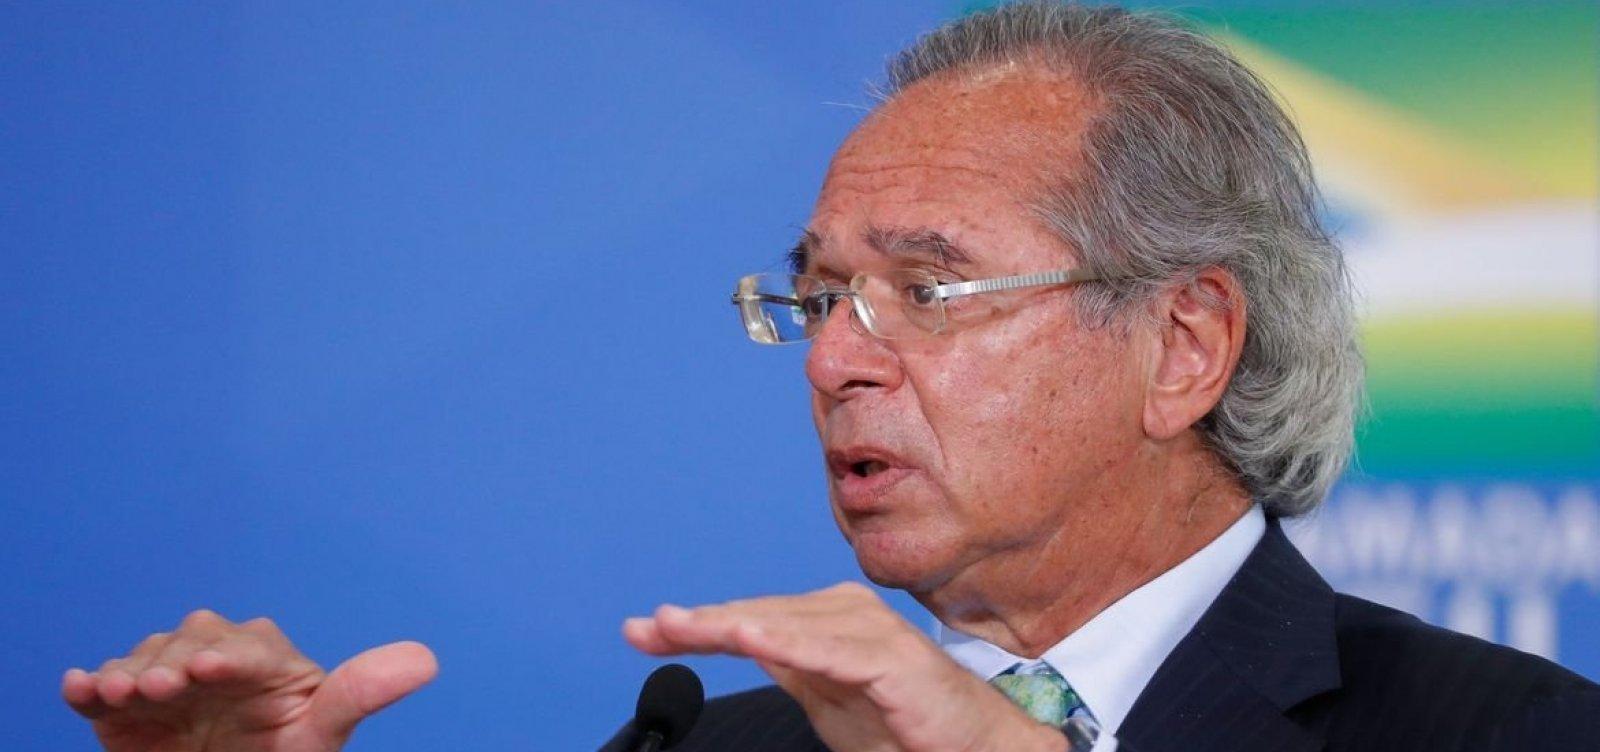 Orçamento pode acomodar aumento do Bolsa Família, diz Guedes